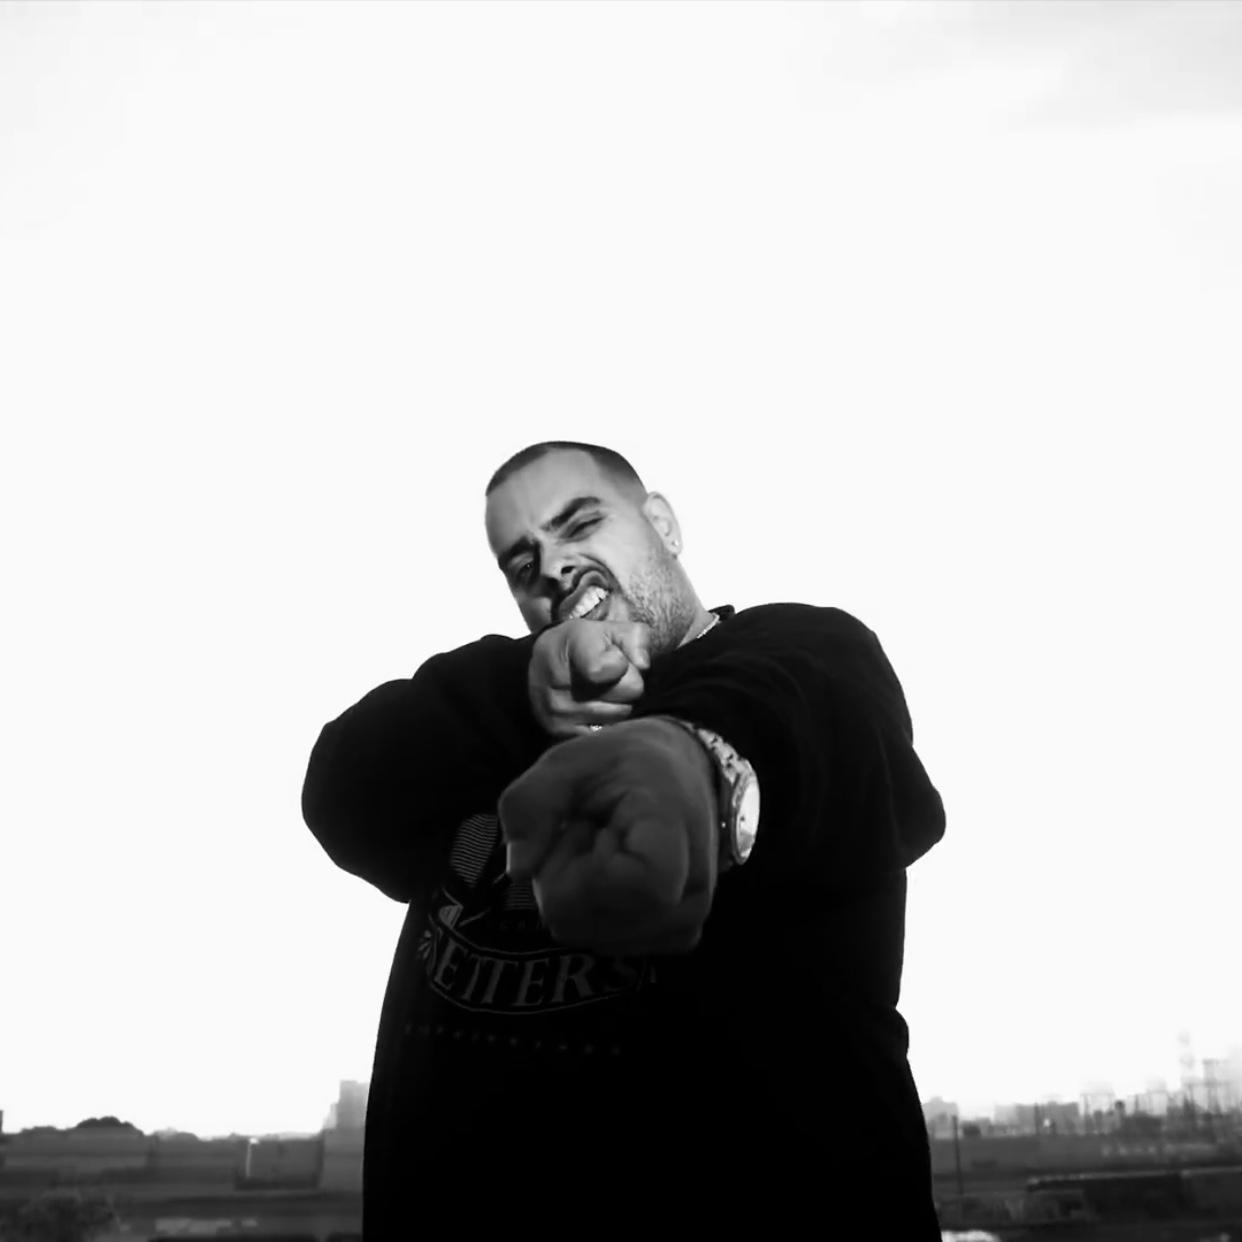 Berner (rapper) - Wikipedia